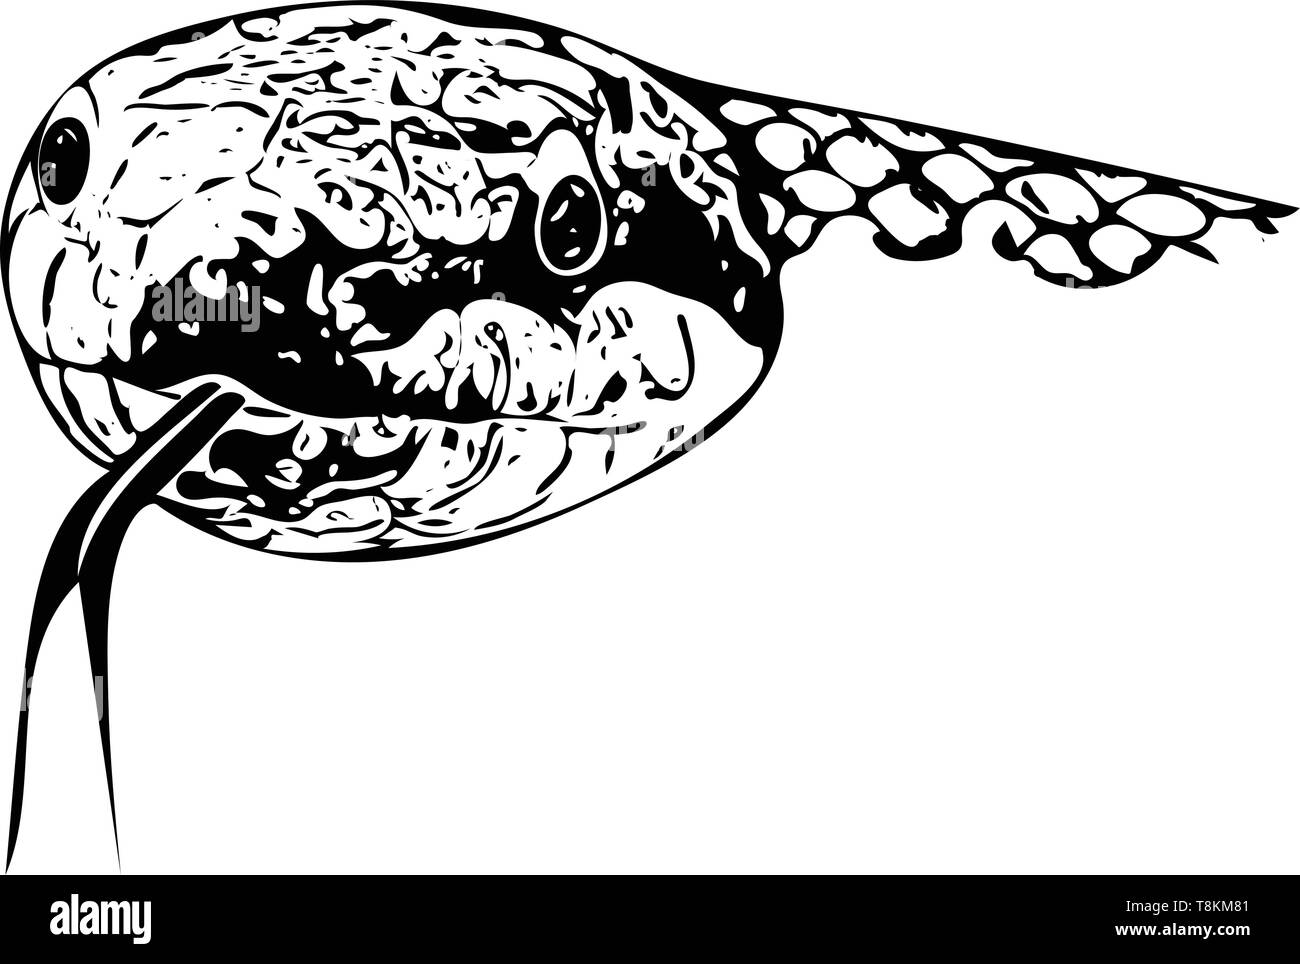 Equipo dibujado monocromo ilustración de la cabeza de una Serpiente de cabeza con la lengua tendida en blanco. Imagen De Stock